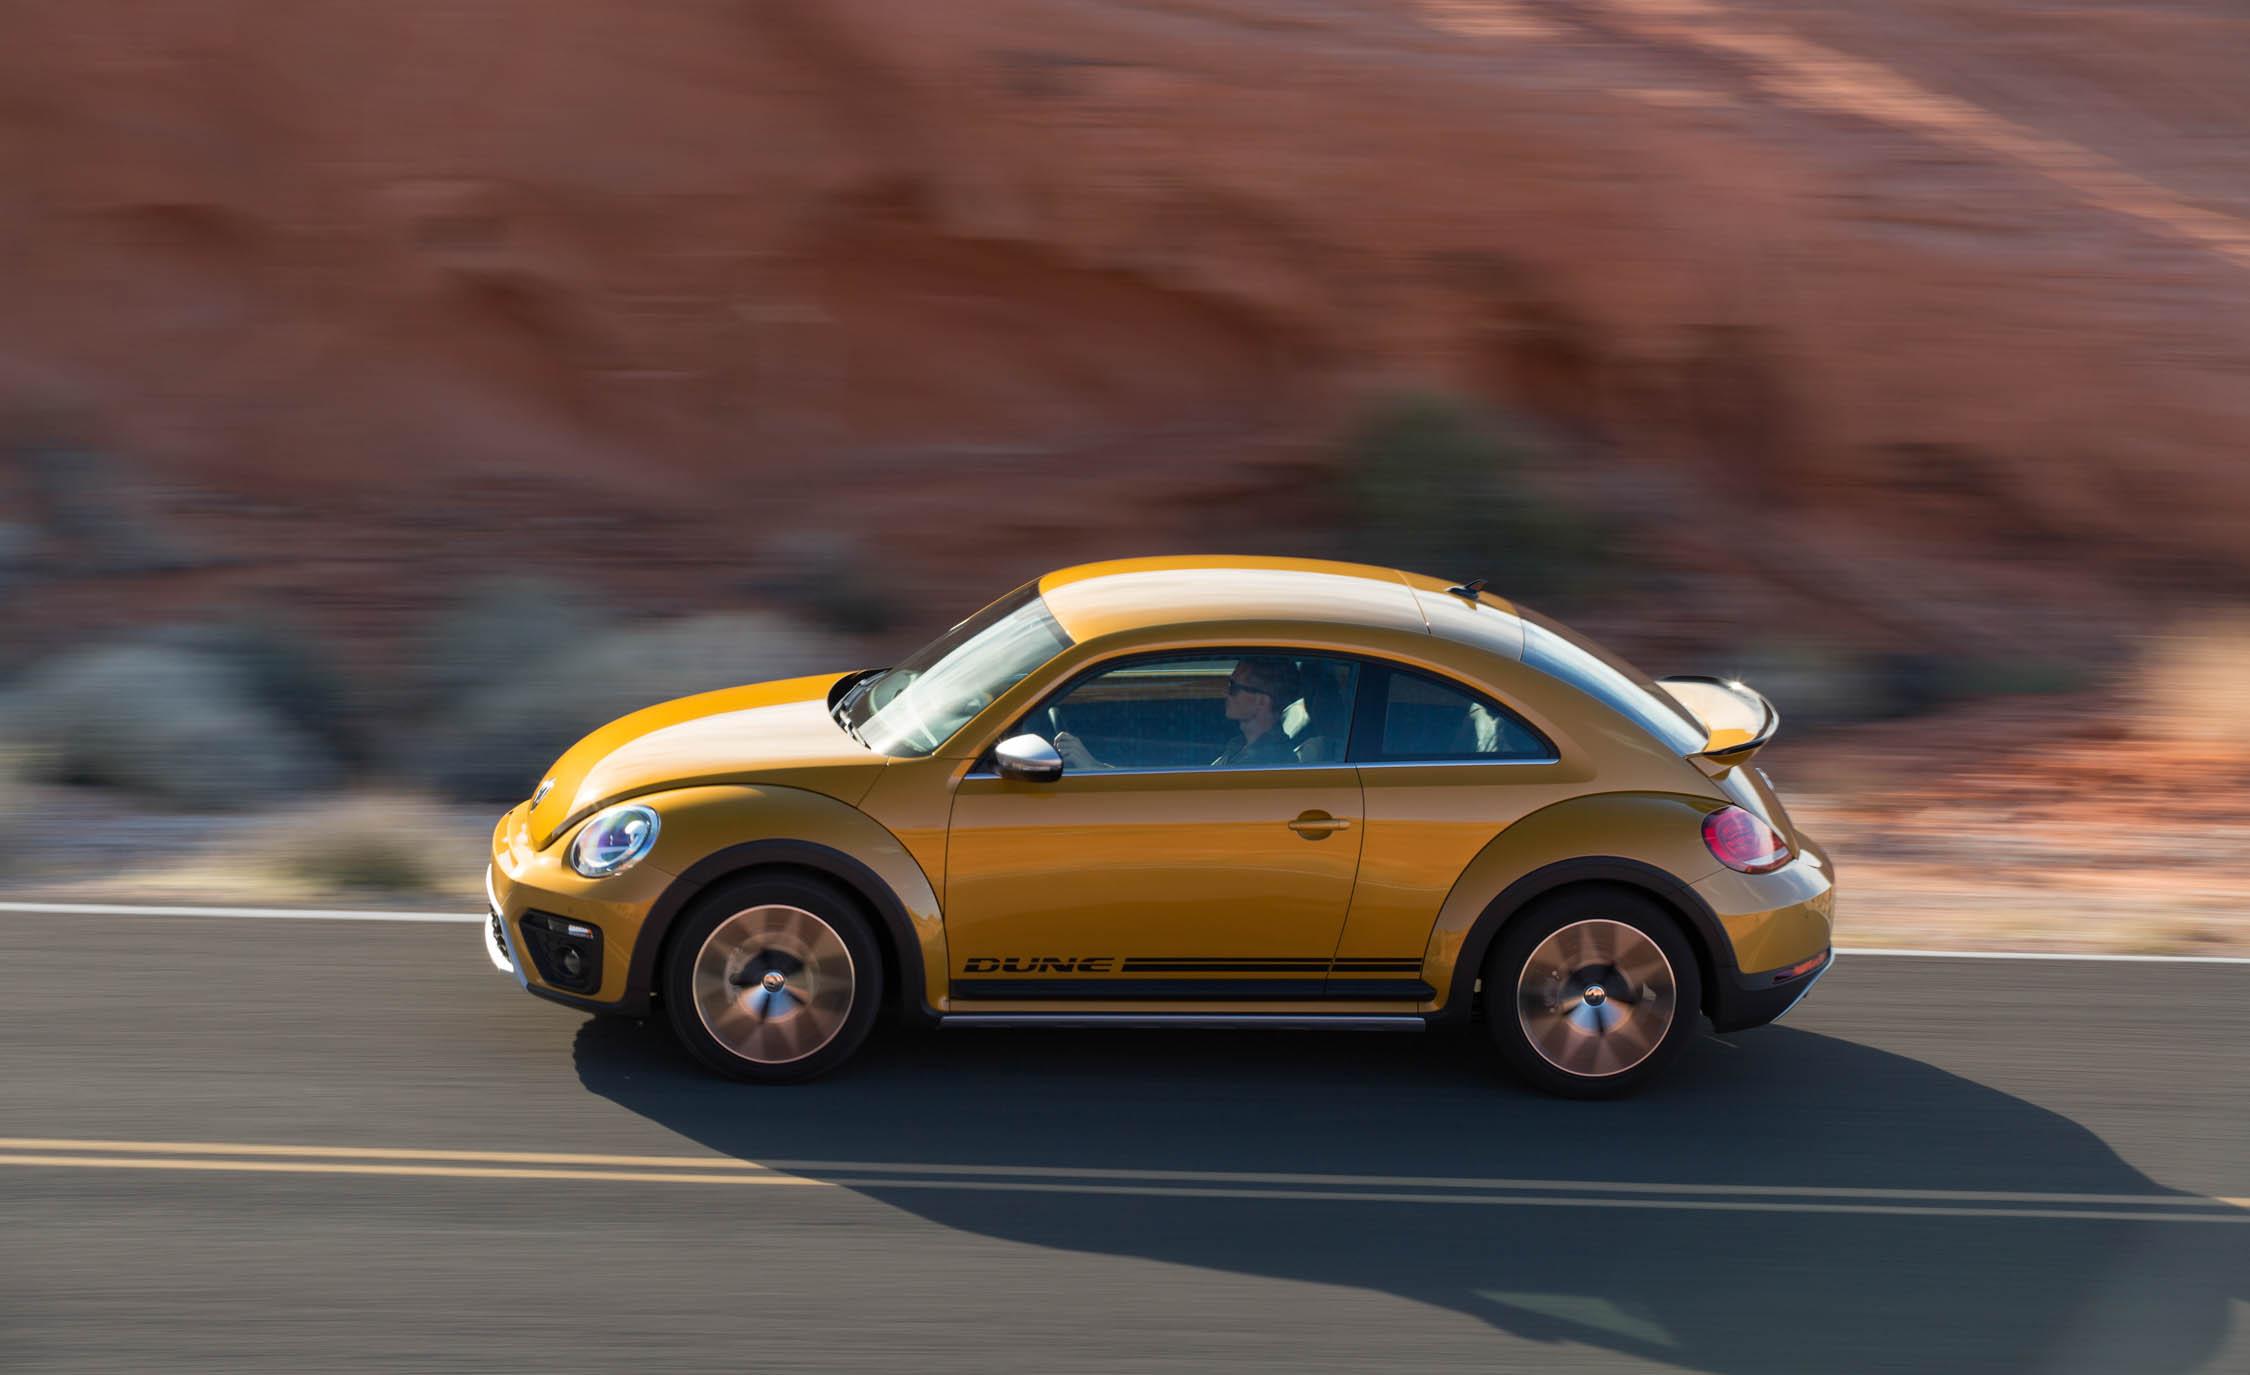 2016 Volkswagen Beetle Dune Test Side View